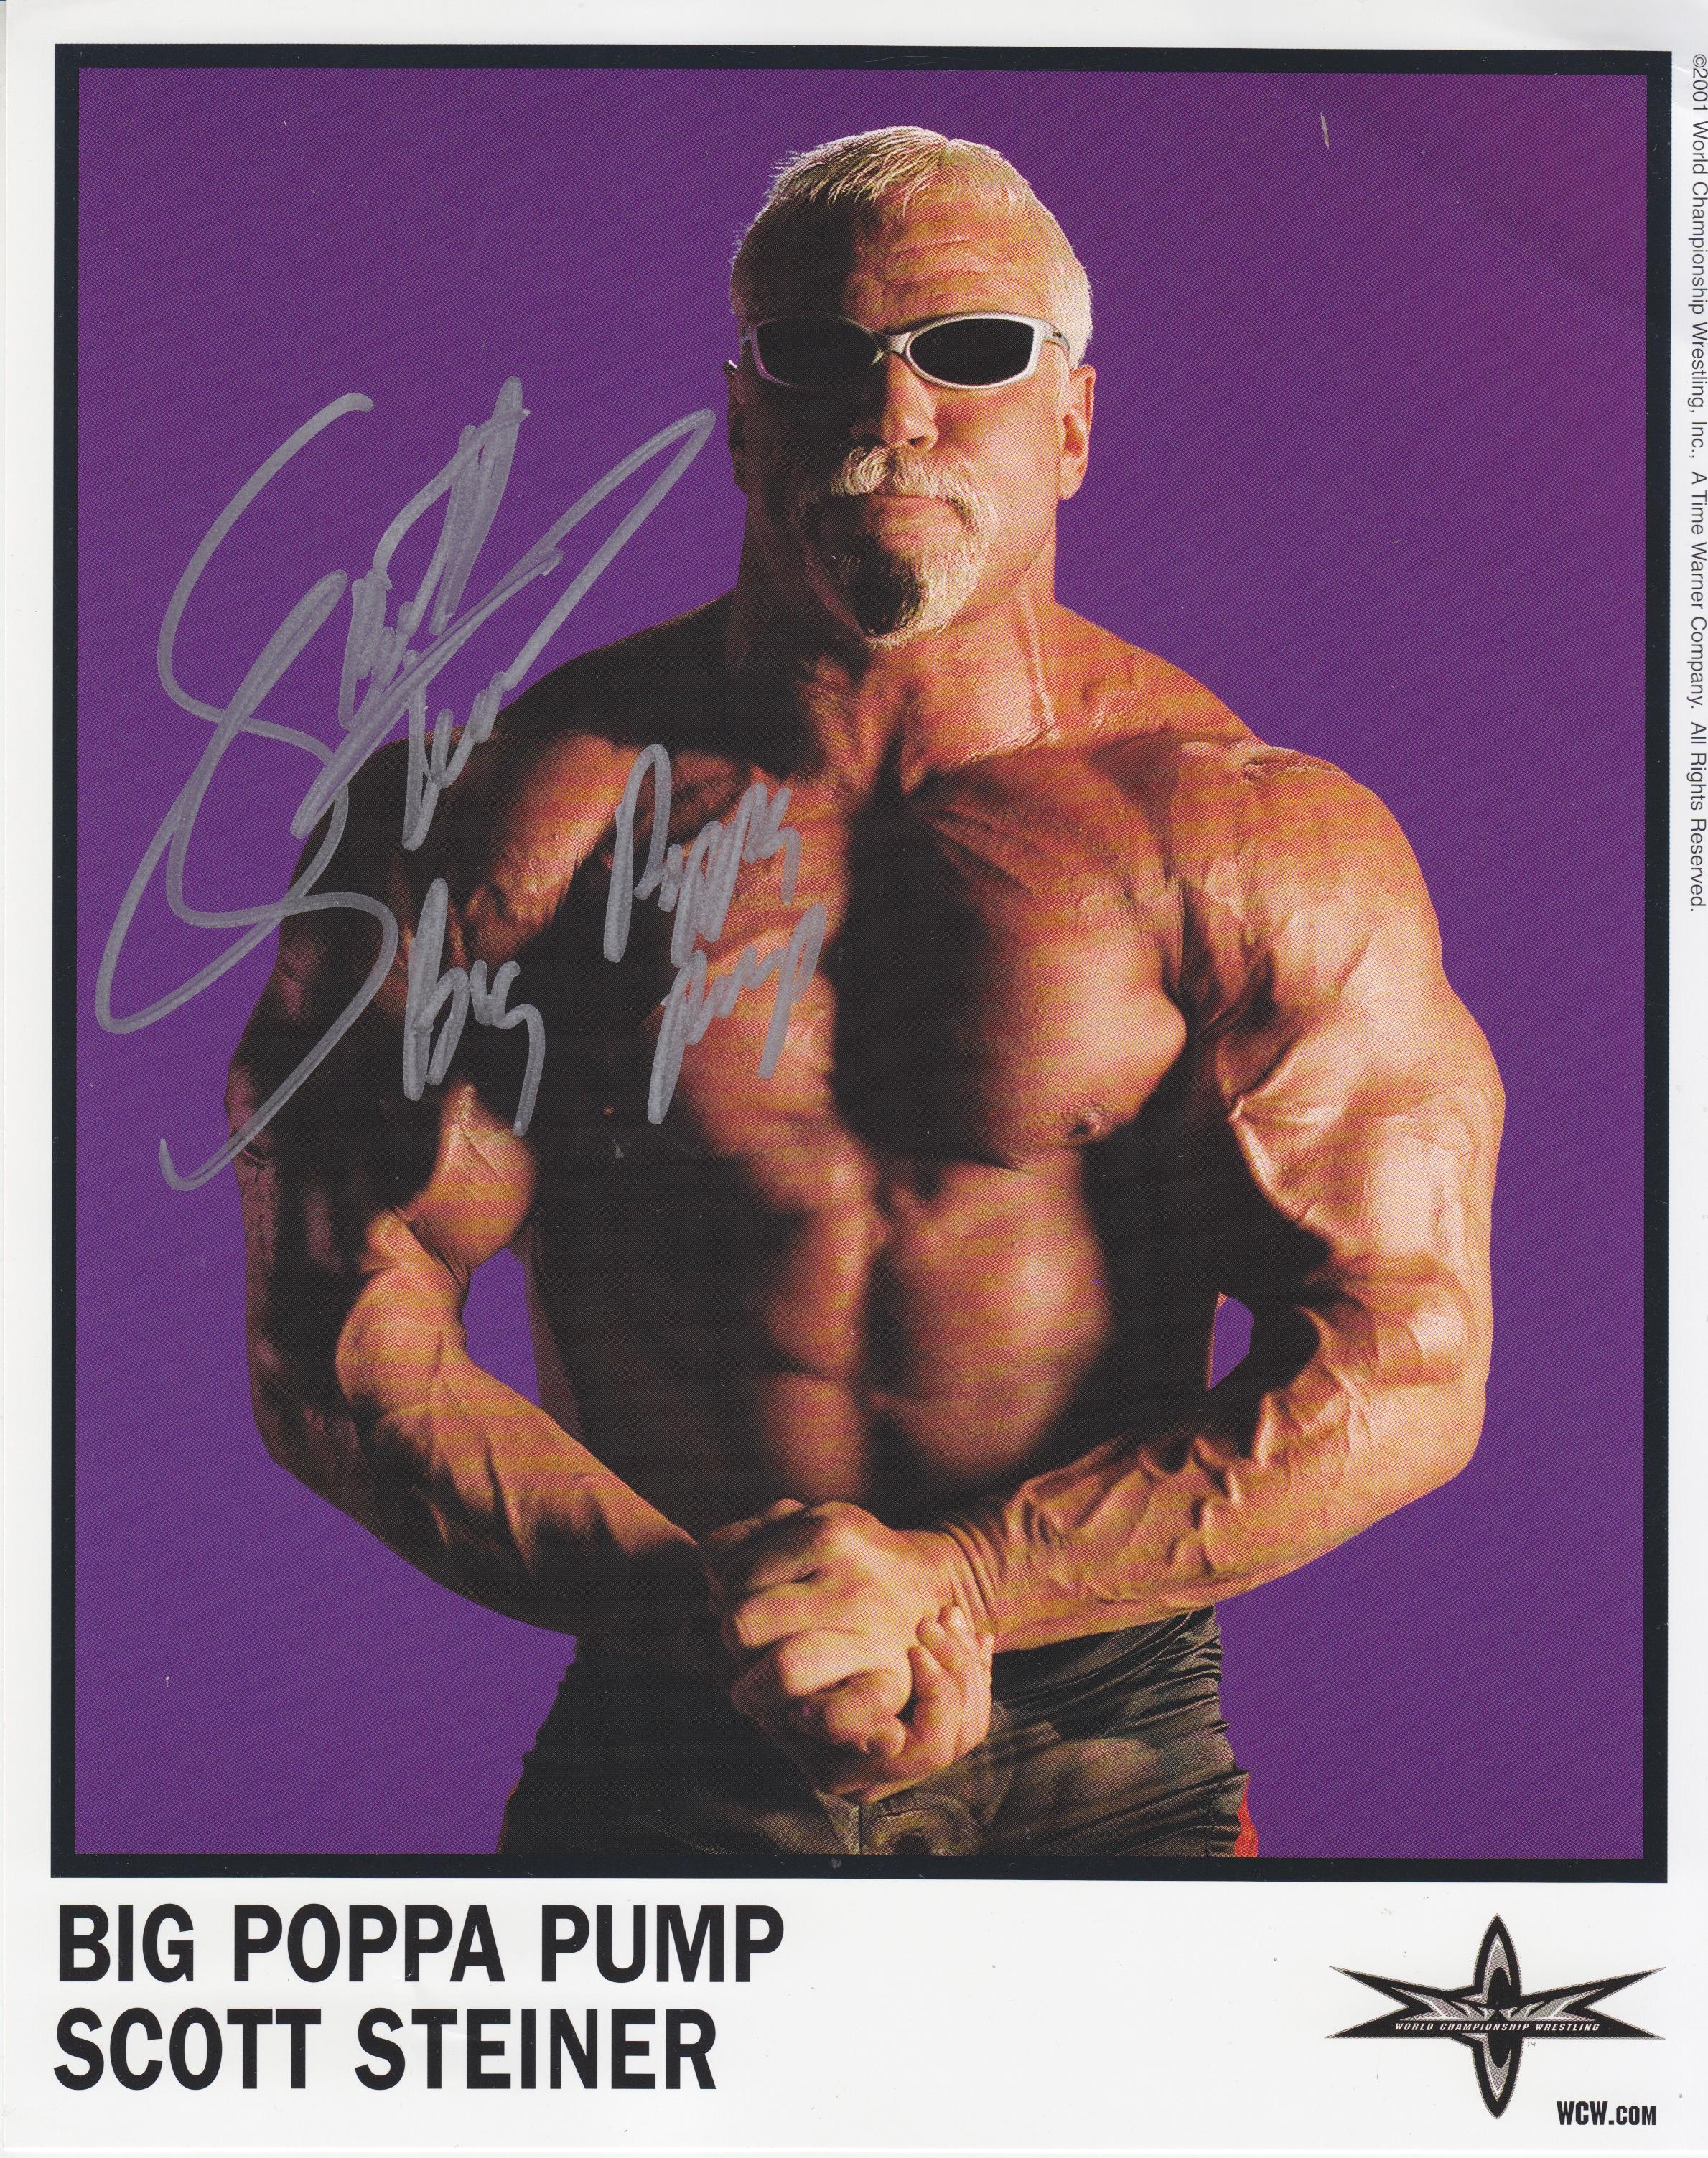 Big Poppa bomba Scott Steiner